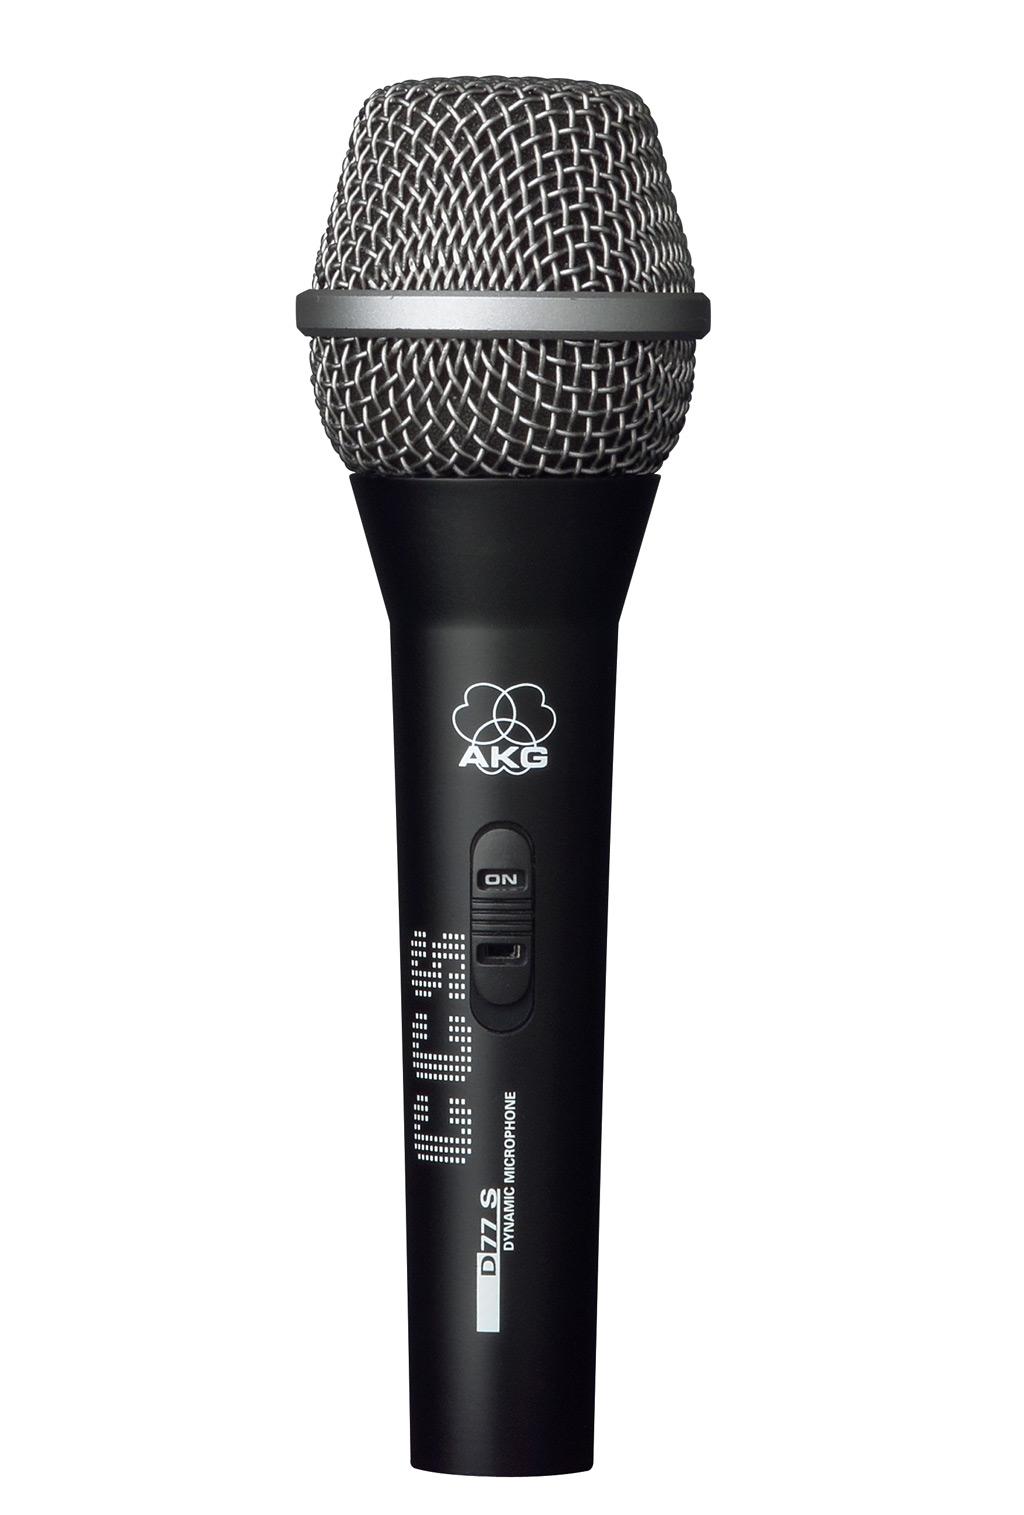 Powieksz do pelnego rozmiaru AKG D 77 S, D-77 S, D-77-S, D 77-S, D77 S, D 77S, D77-S, D-77S, mikrofon ręczny, mikrofon przewodowy, mikrofon dynamiczny, mikrofon kardioidalny, mikrofon wokalowy, mikrofon estradowy, mikrofon instrumentalny